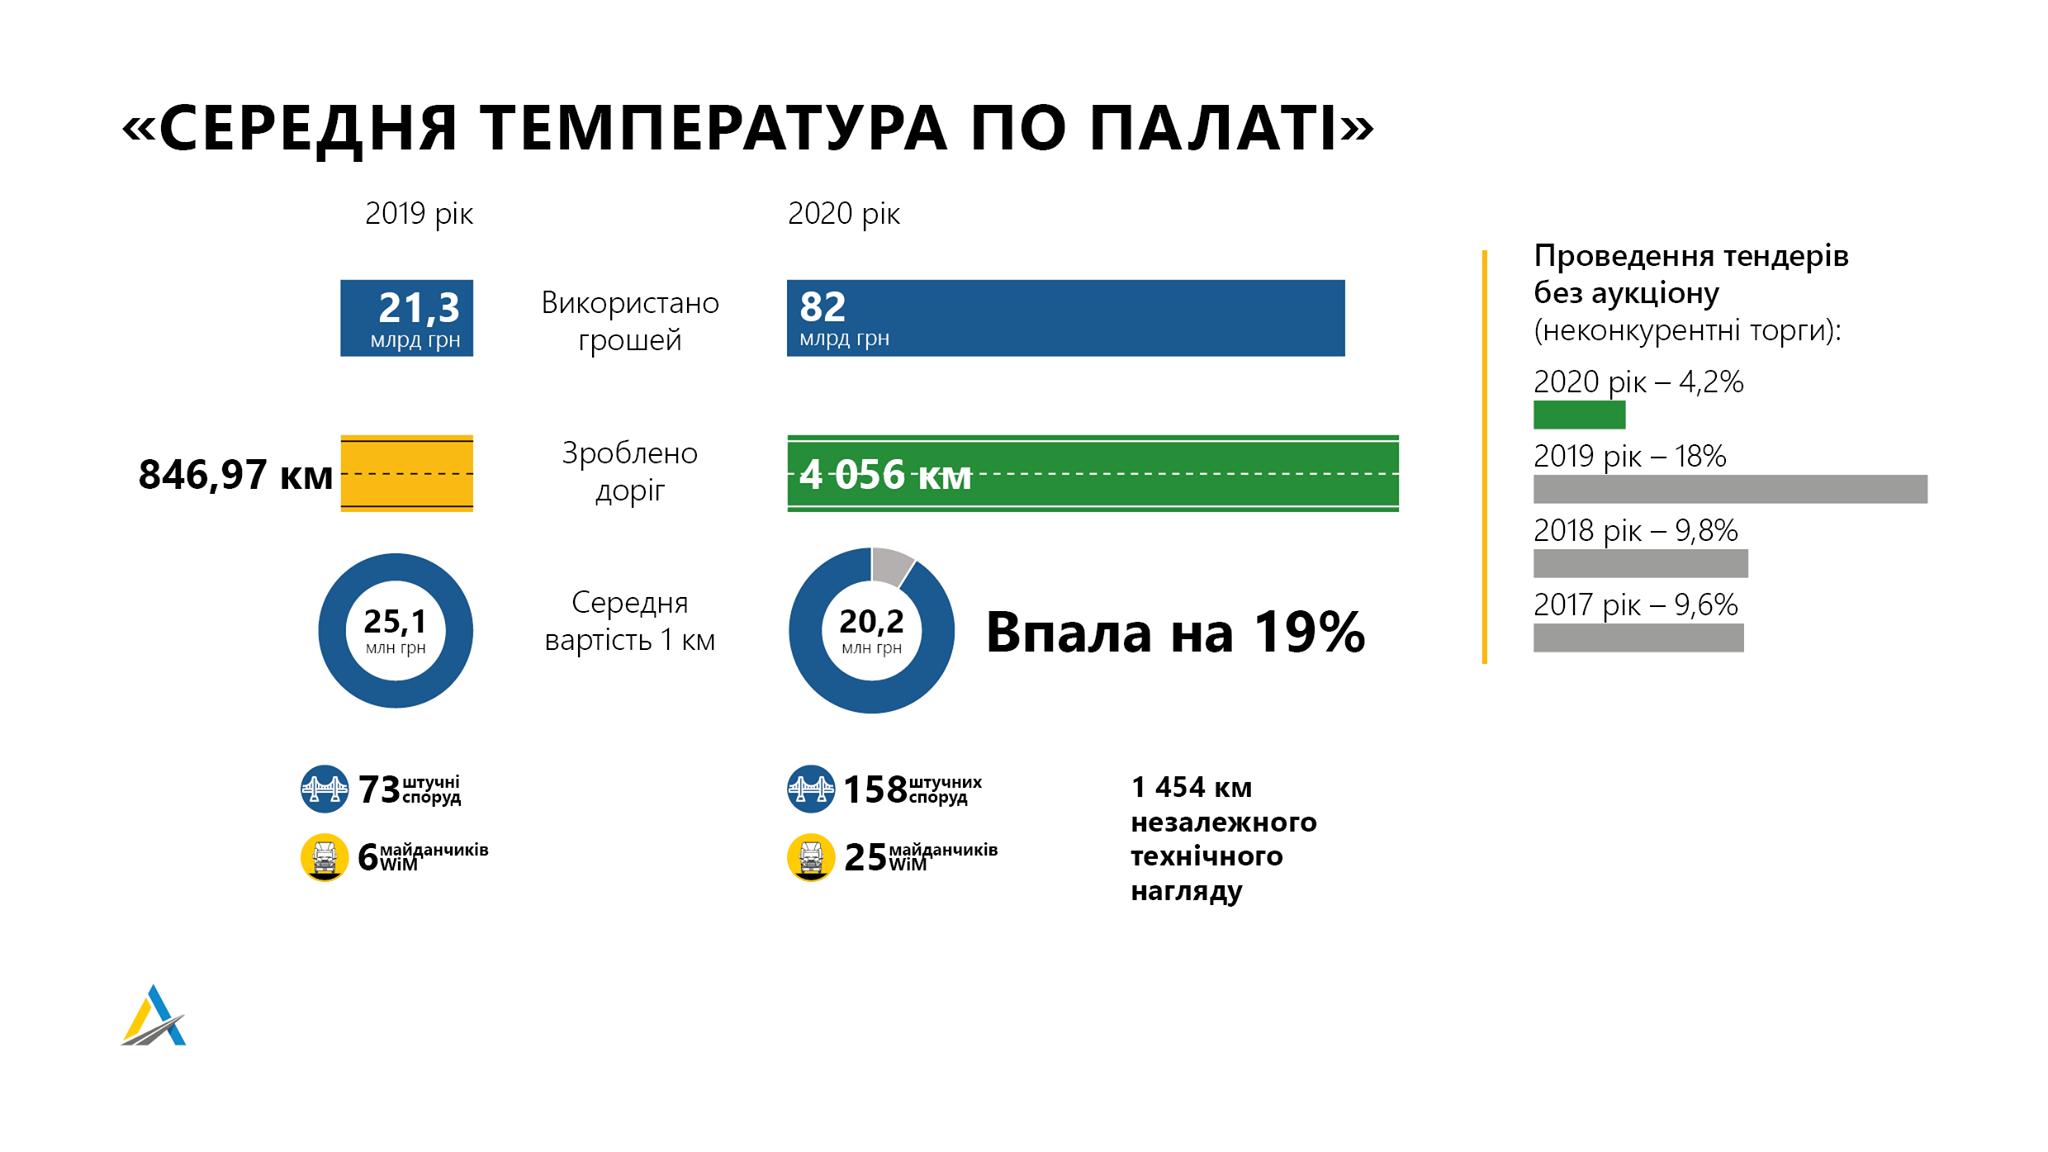 Укравтодор за два года собирается установить рекорд 2